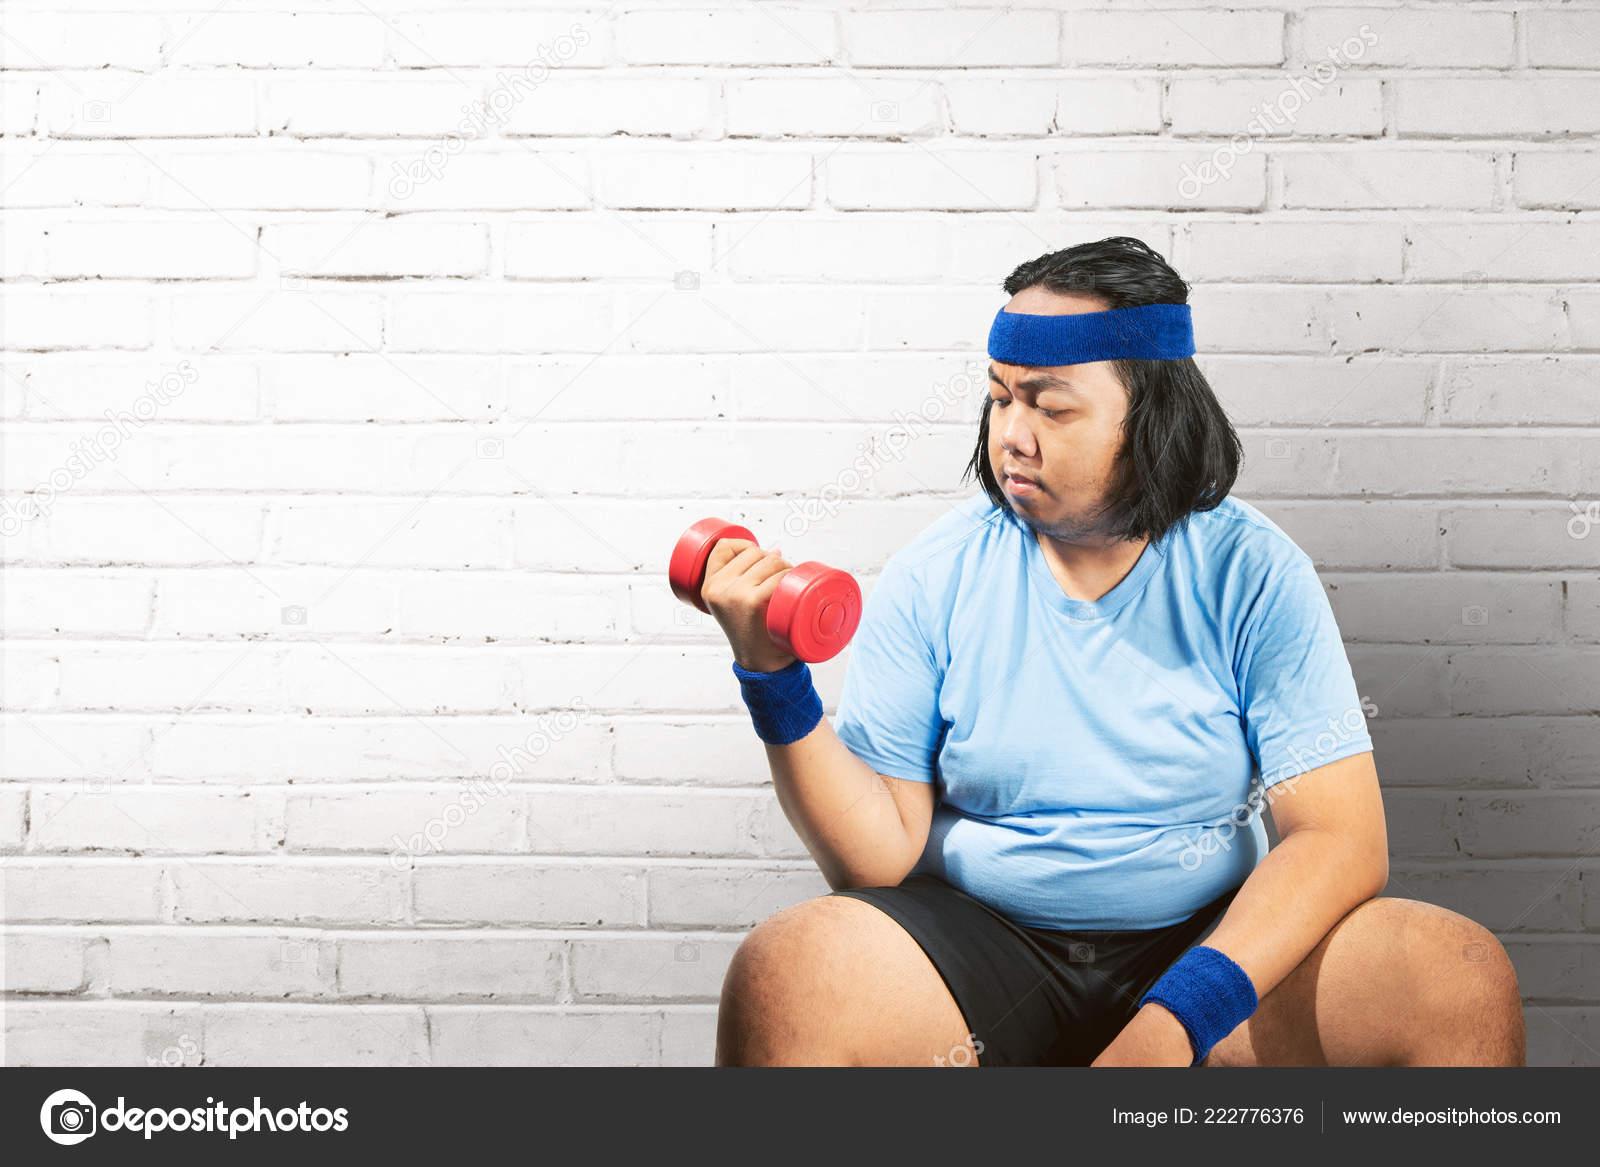 Diete Per Perdere Peso Uomo : Uomo grasso asiatico utilizzando manubri perdere peso casa